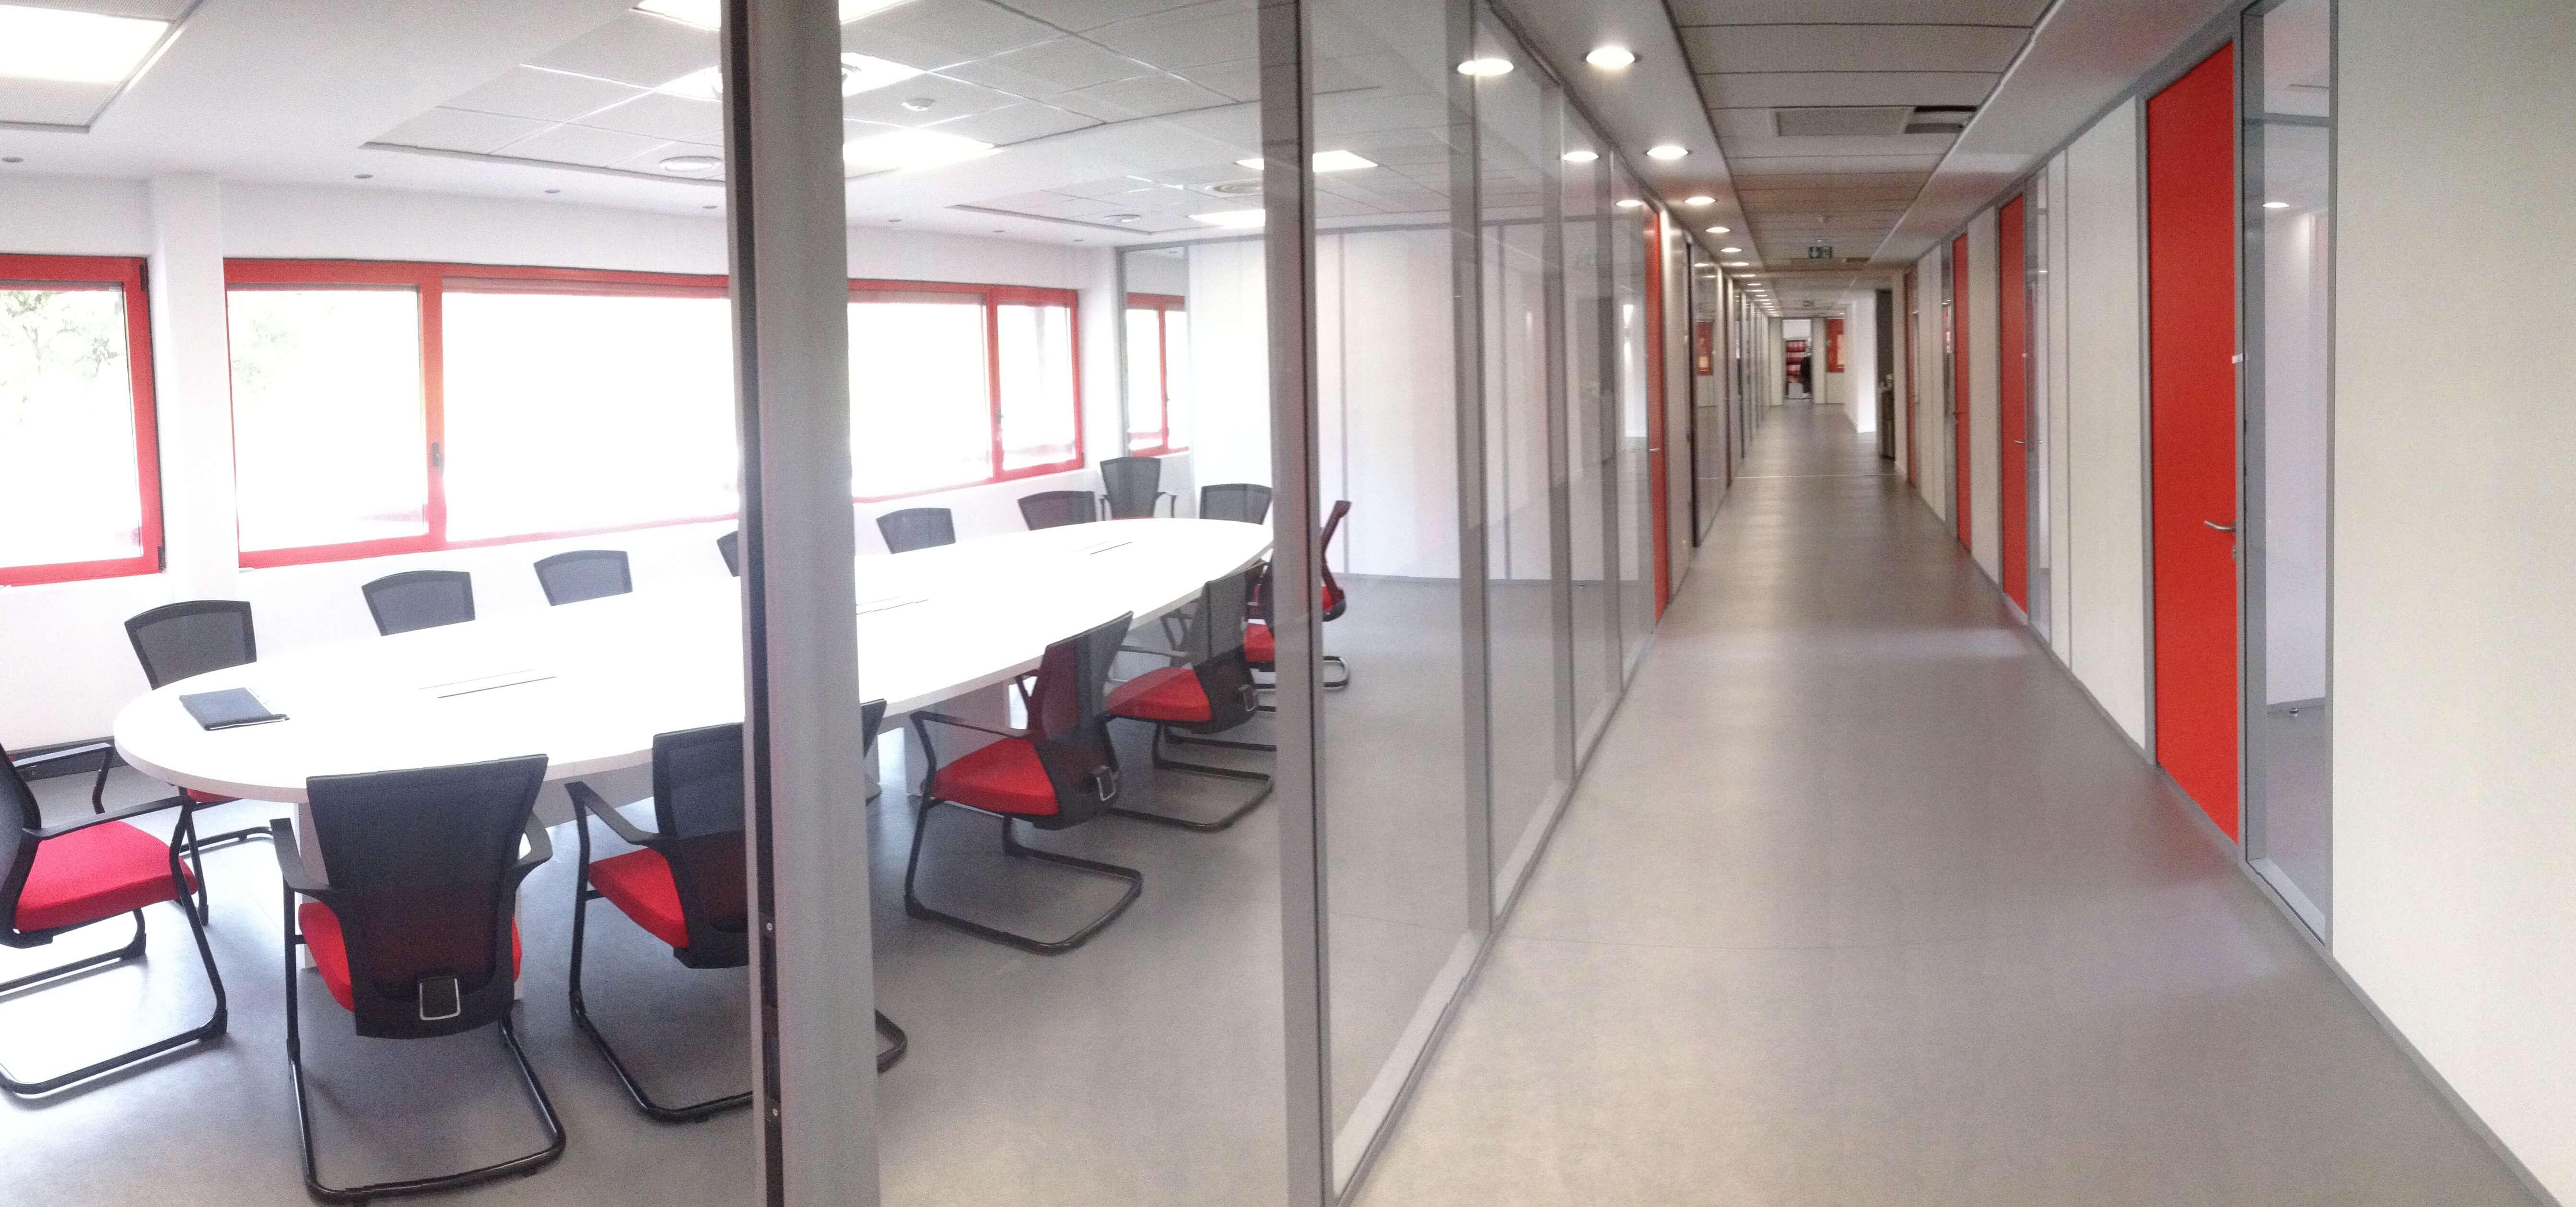 Transfix - Nos réalisations - Imagine - Aménagement d'espaces de travail - PACA